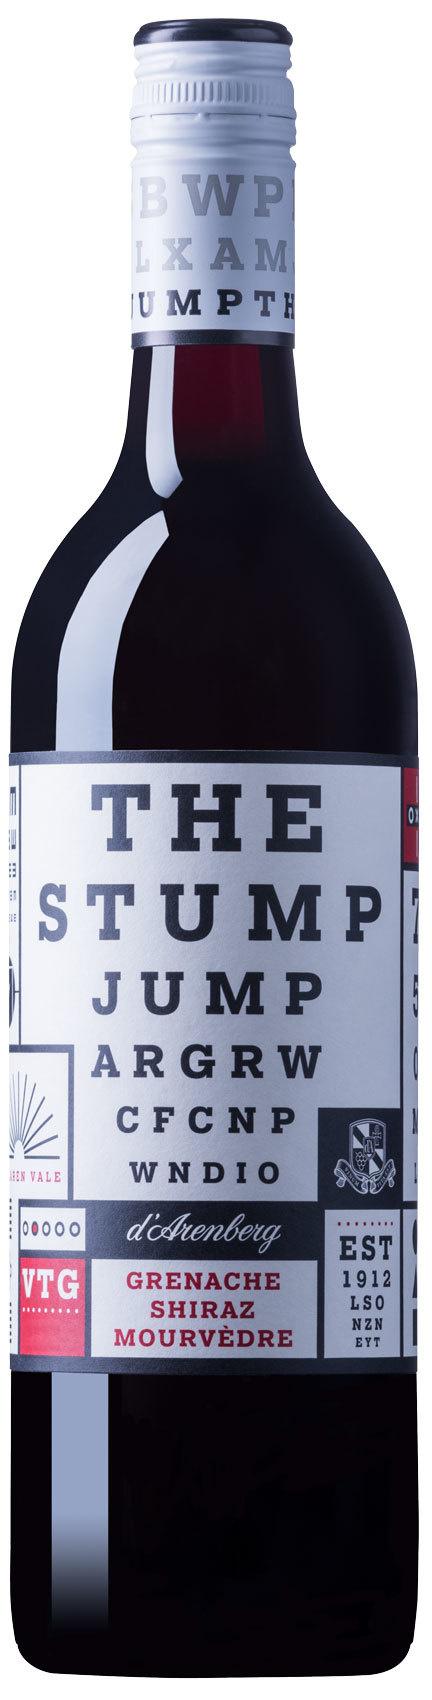 d'Arenberg, Australien 2016 The Stump Jump GSM d'Arenberg